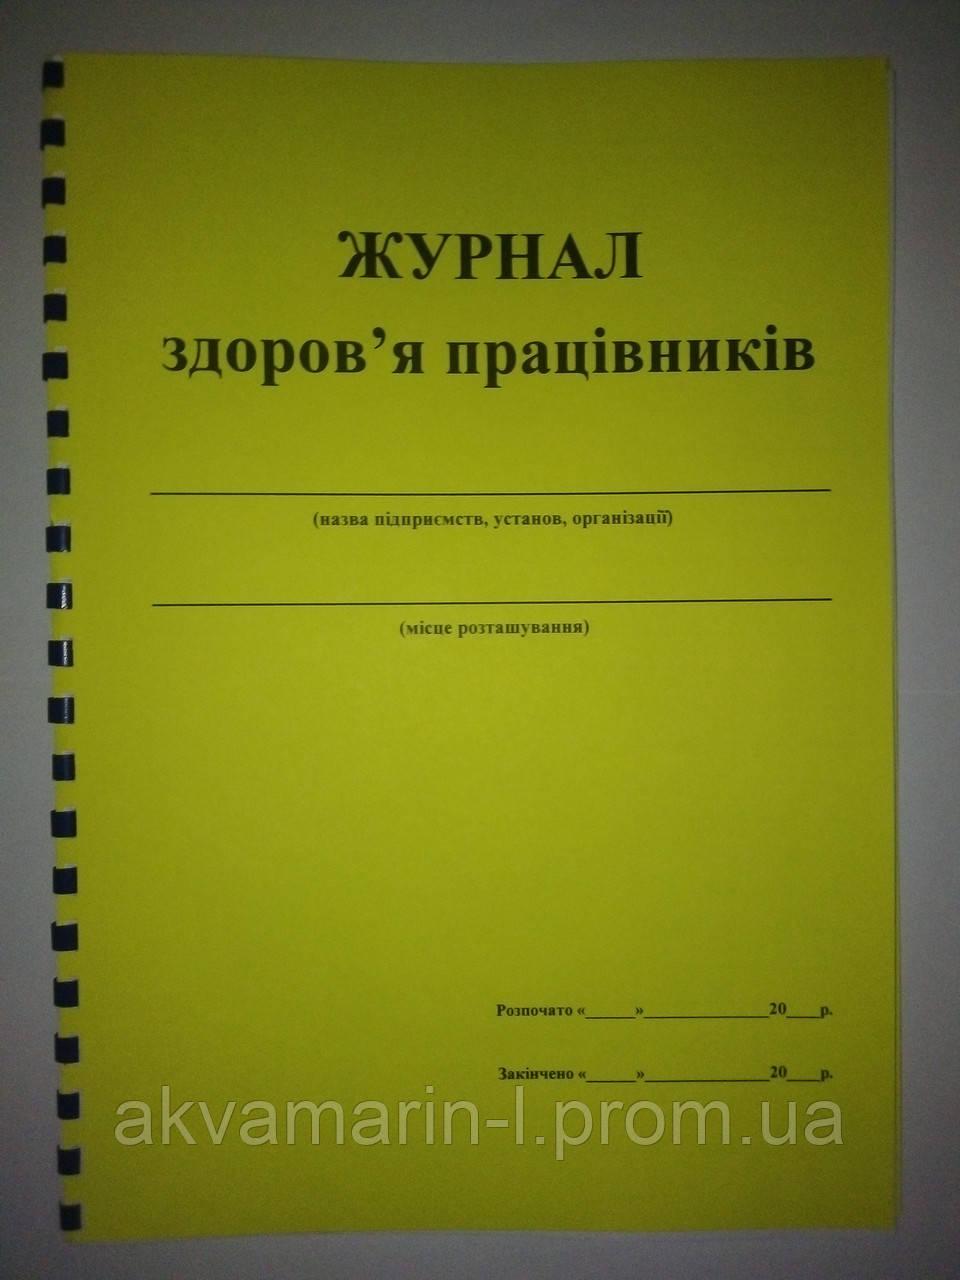 Журнал здоровья сотрудников (40 листов)